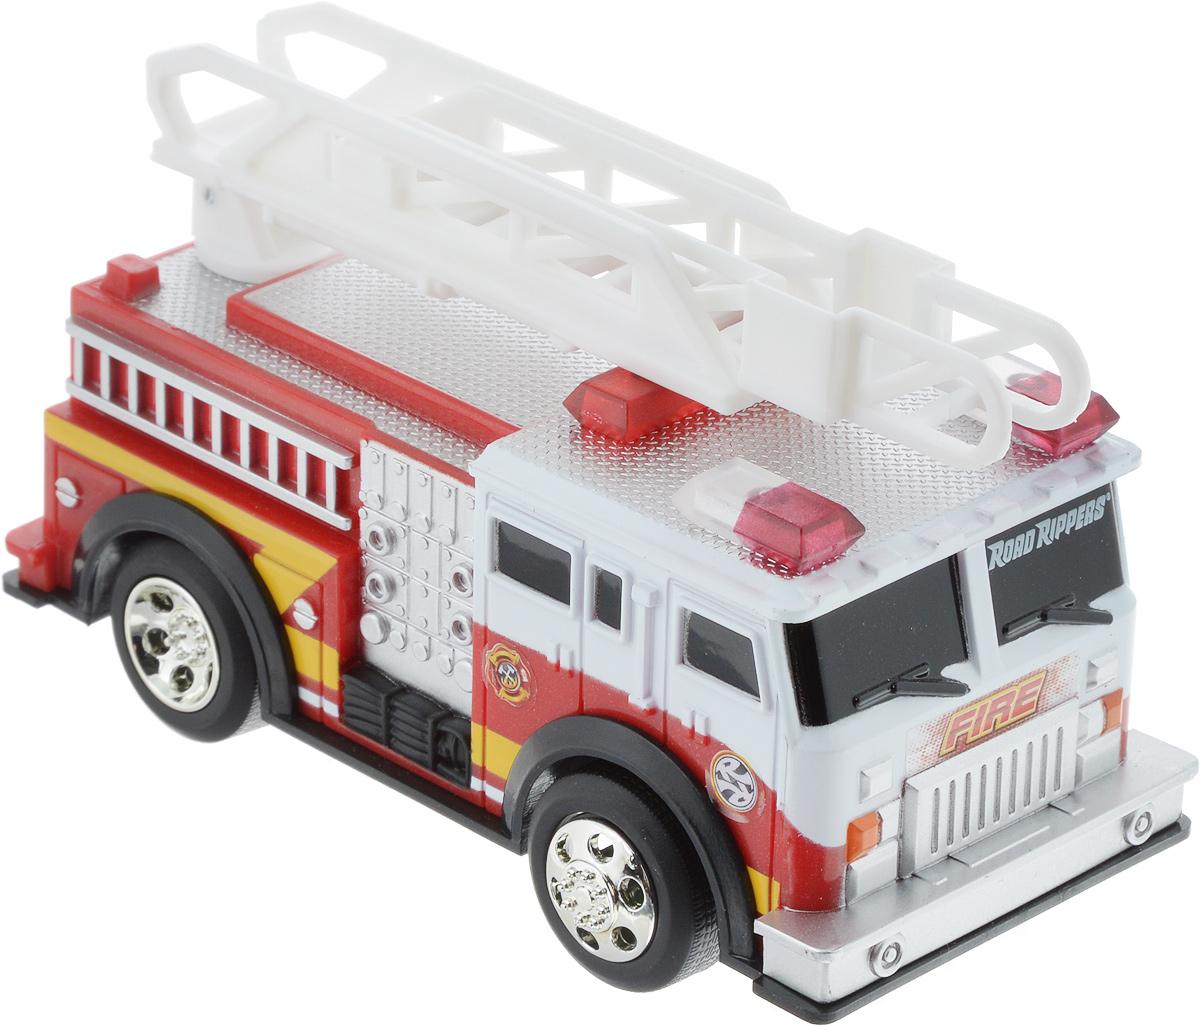 Toystate Машина Спецслужба Пожарная toystate машина спецслужба цвет белый